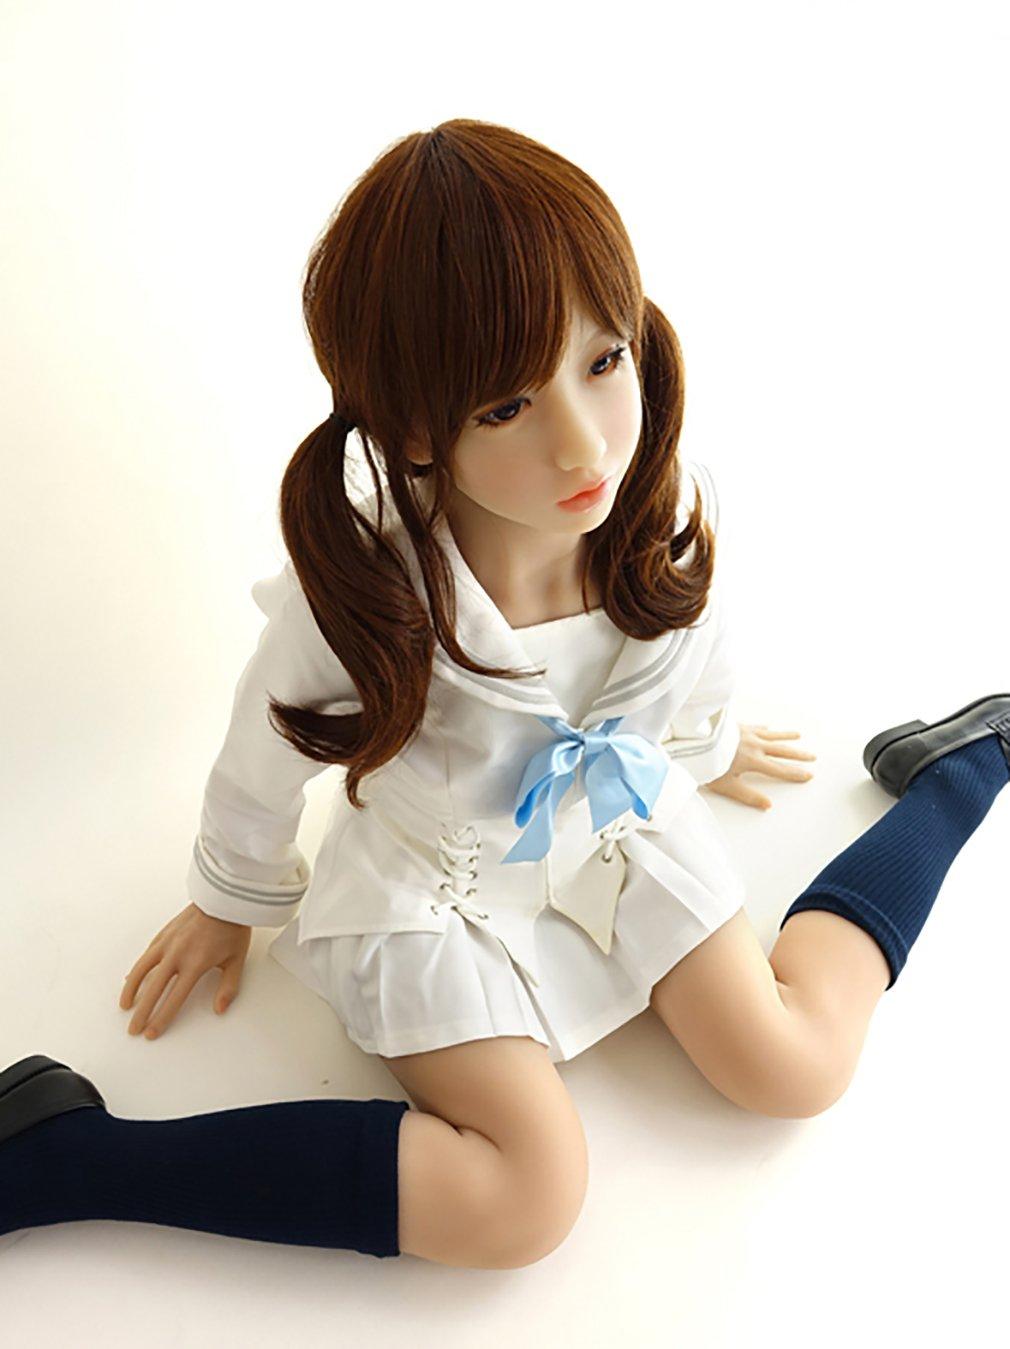 Amazon.com: Muñeca hinchable sin costuras, ideal para regalo ...